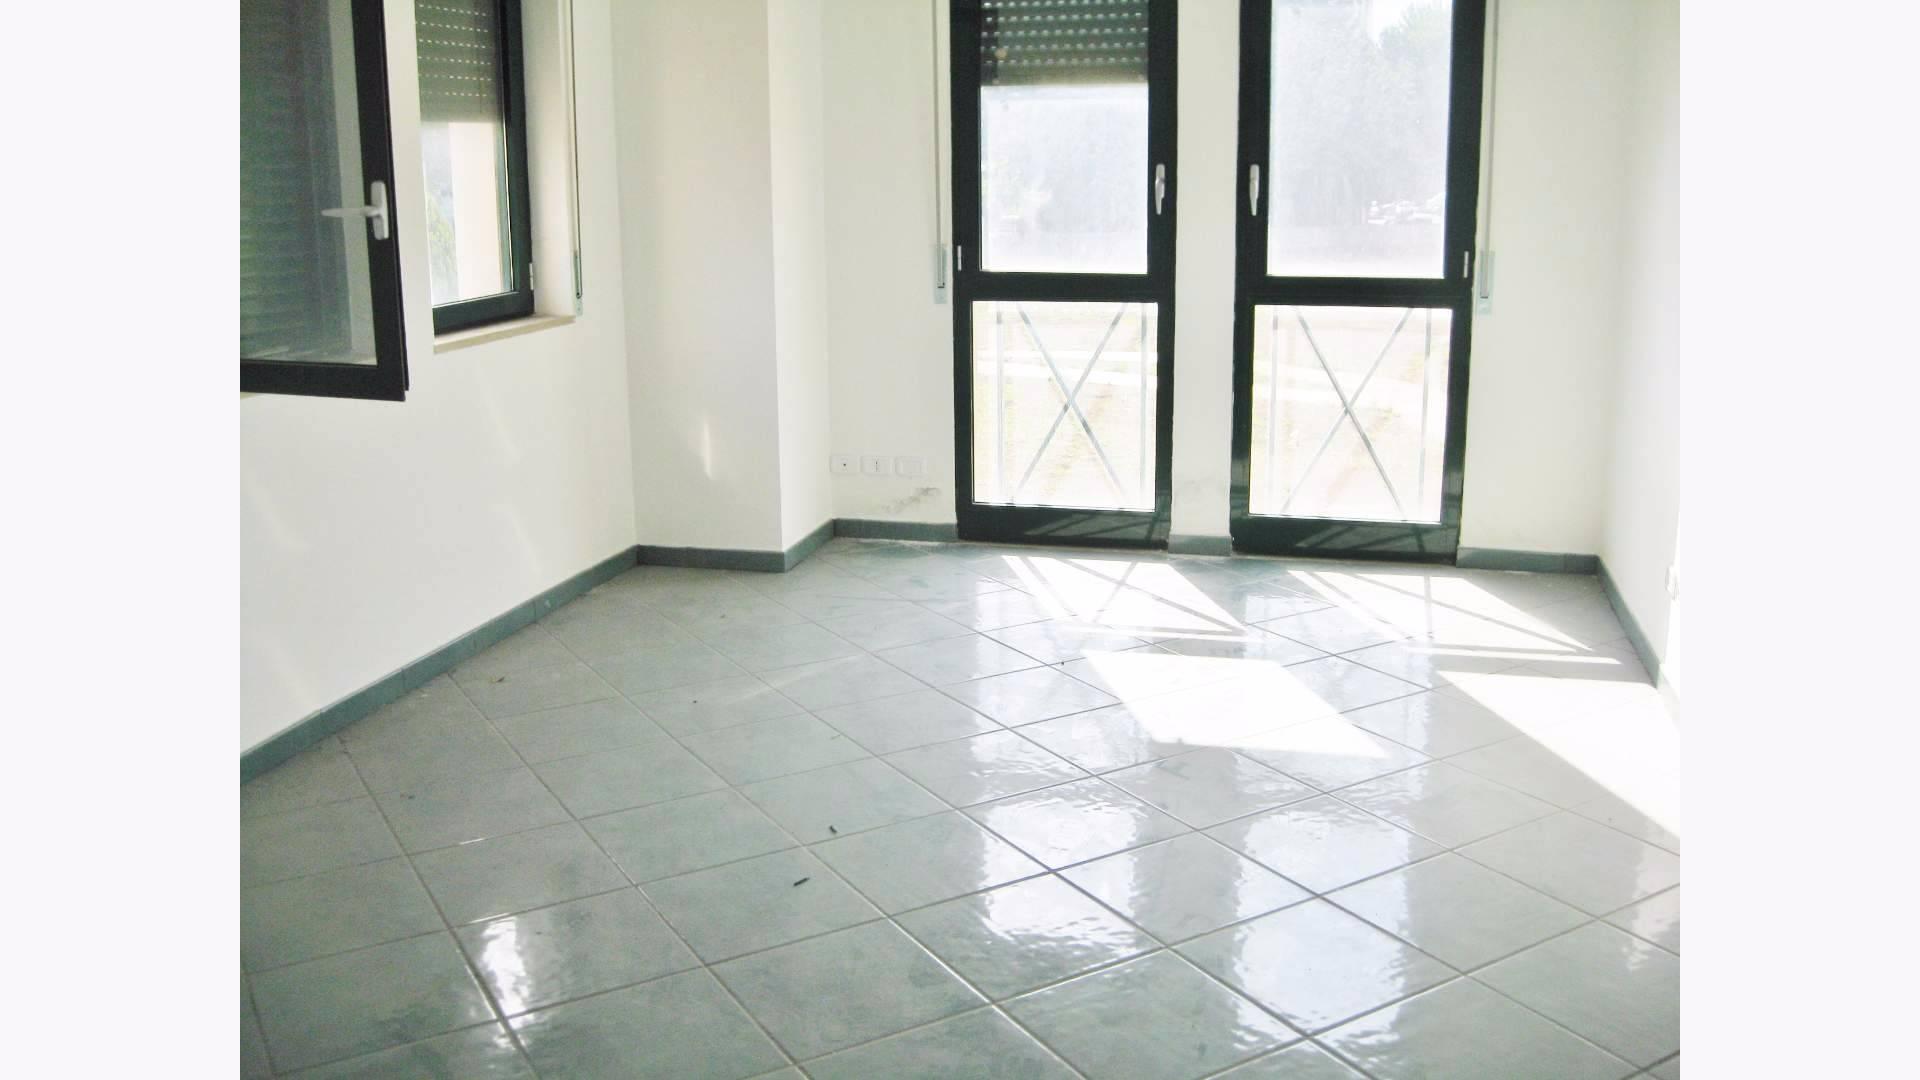 Ufficio / Studio in vendita a Baronissi, 9999 locali, prezzo € 180.000 | CambioCasa.it